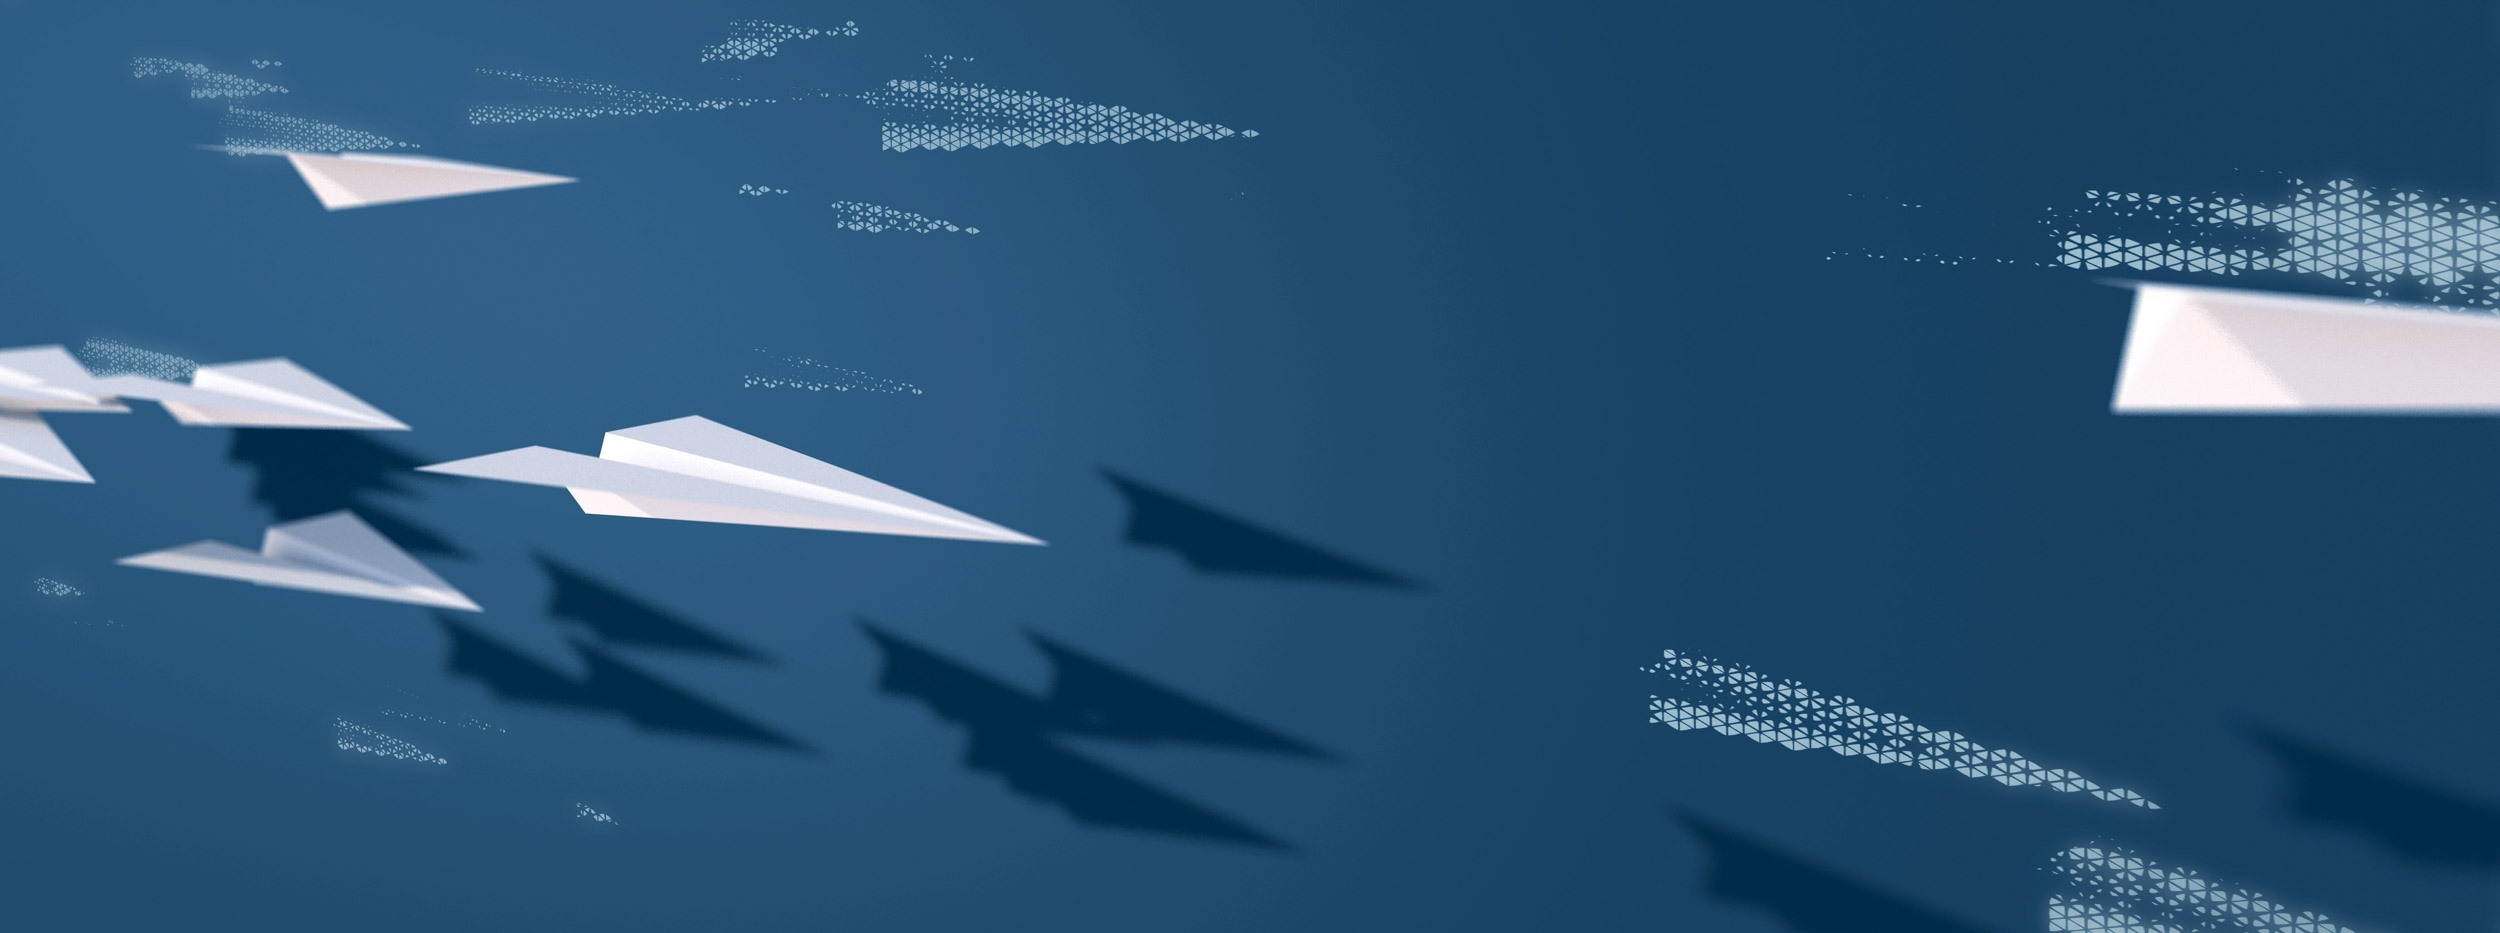 Entwurf-Flughafen-Terminal-Innenraum-Konzept-Gestaltung-Wand-Rastergrafik-blau.jpg